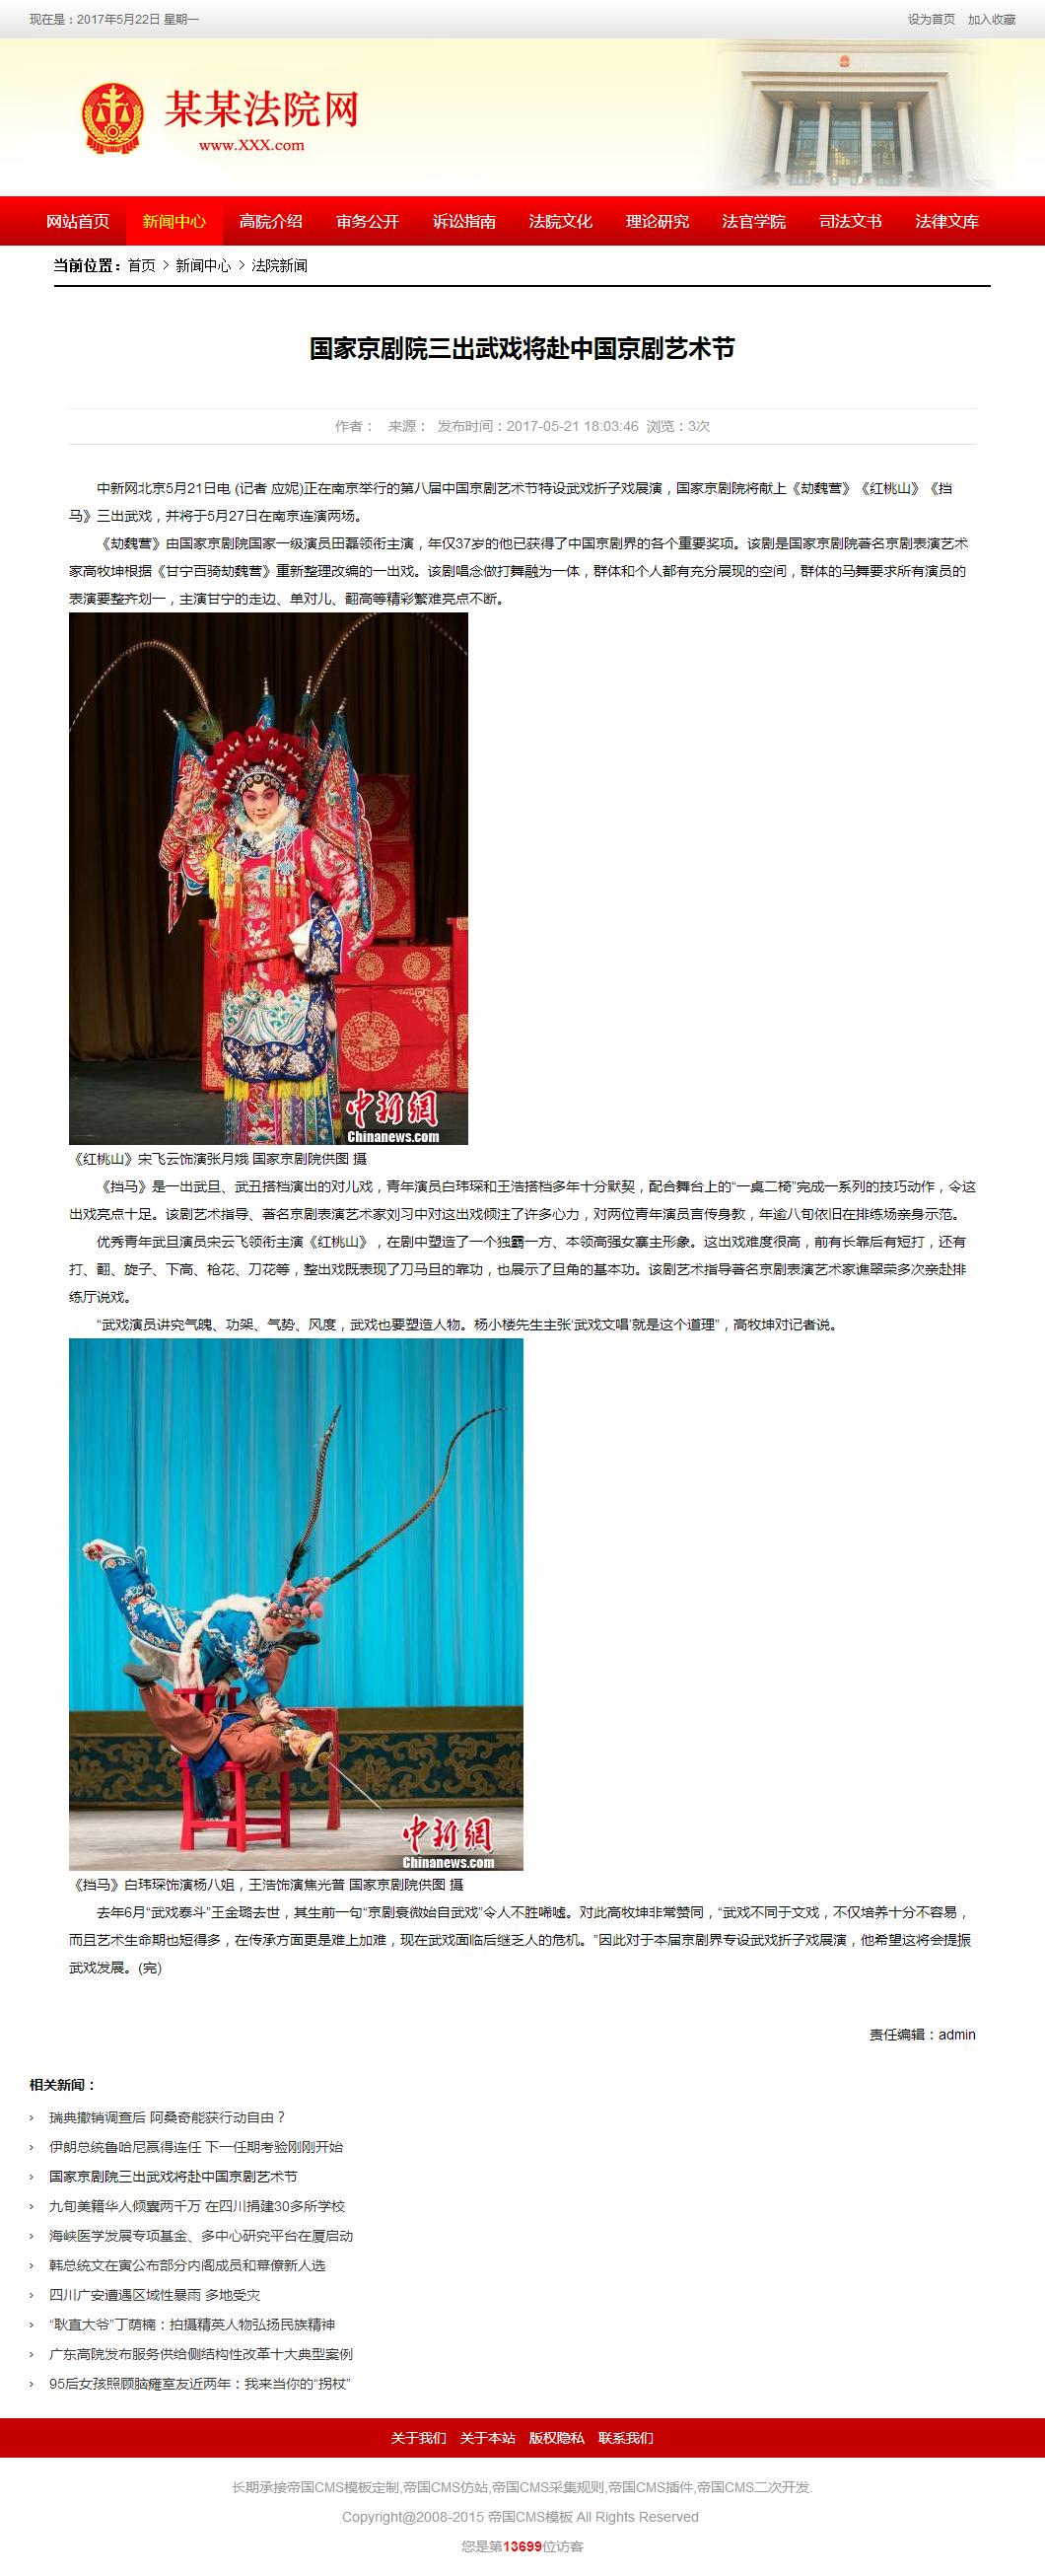 帝国cms政府网站模板之法院类型红色系_内容页